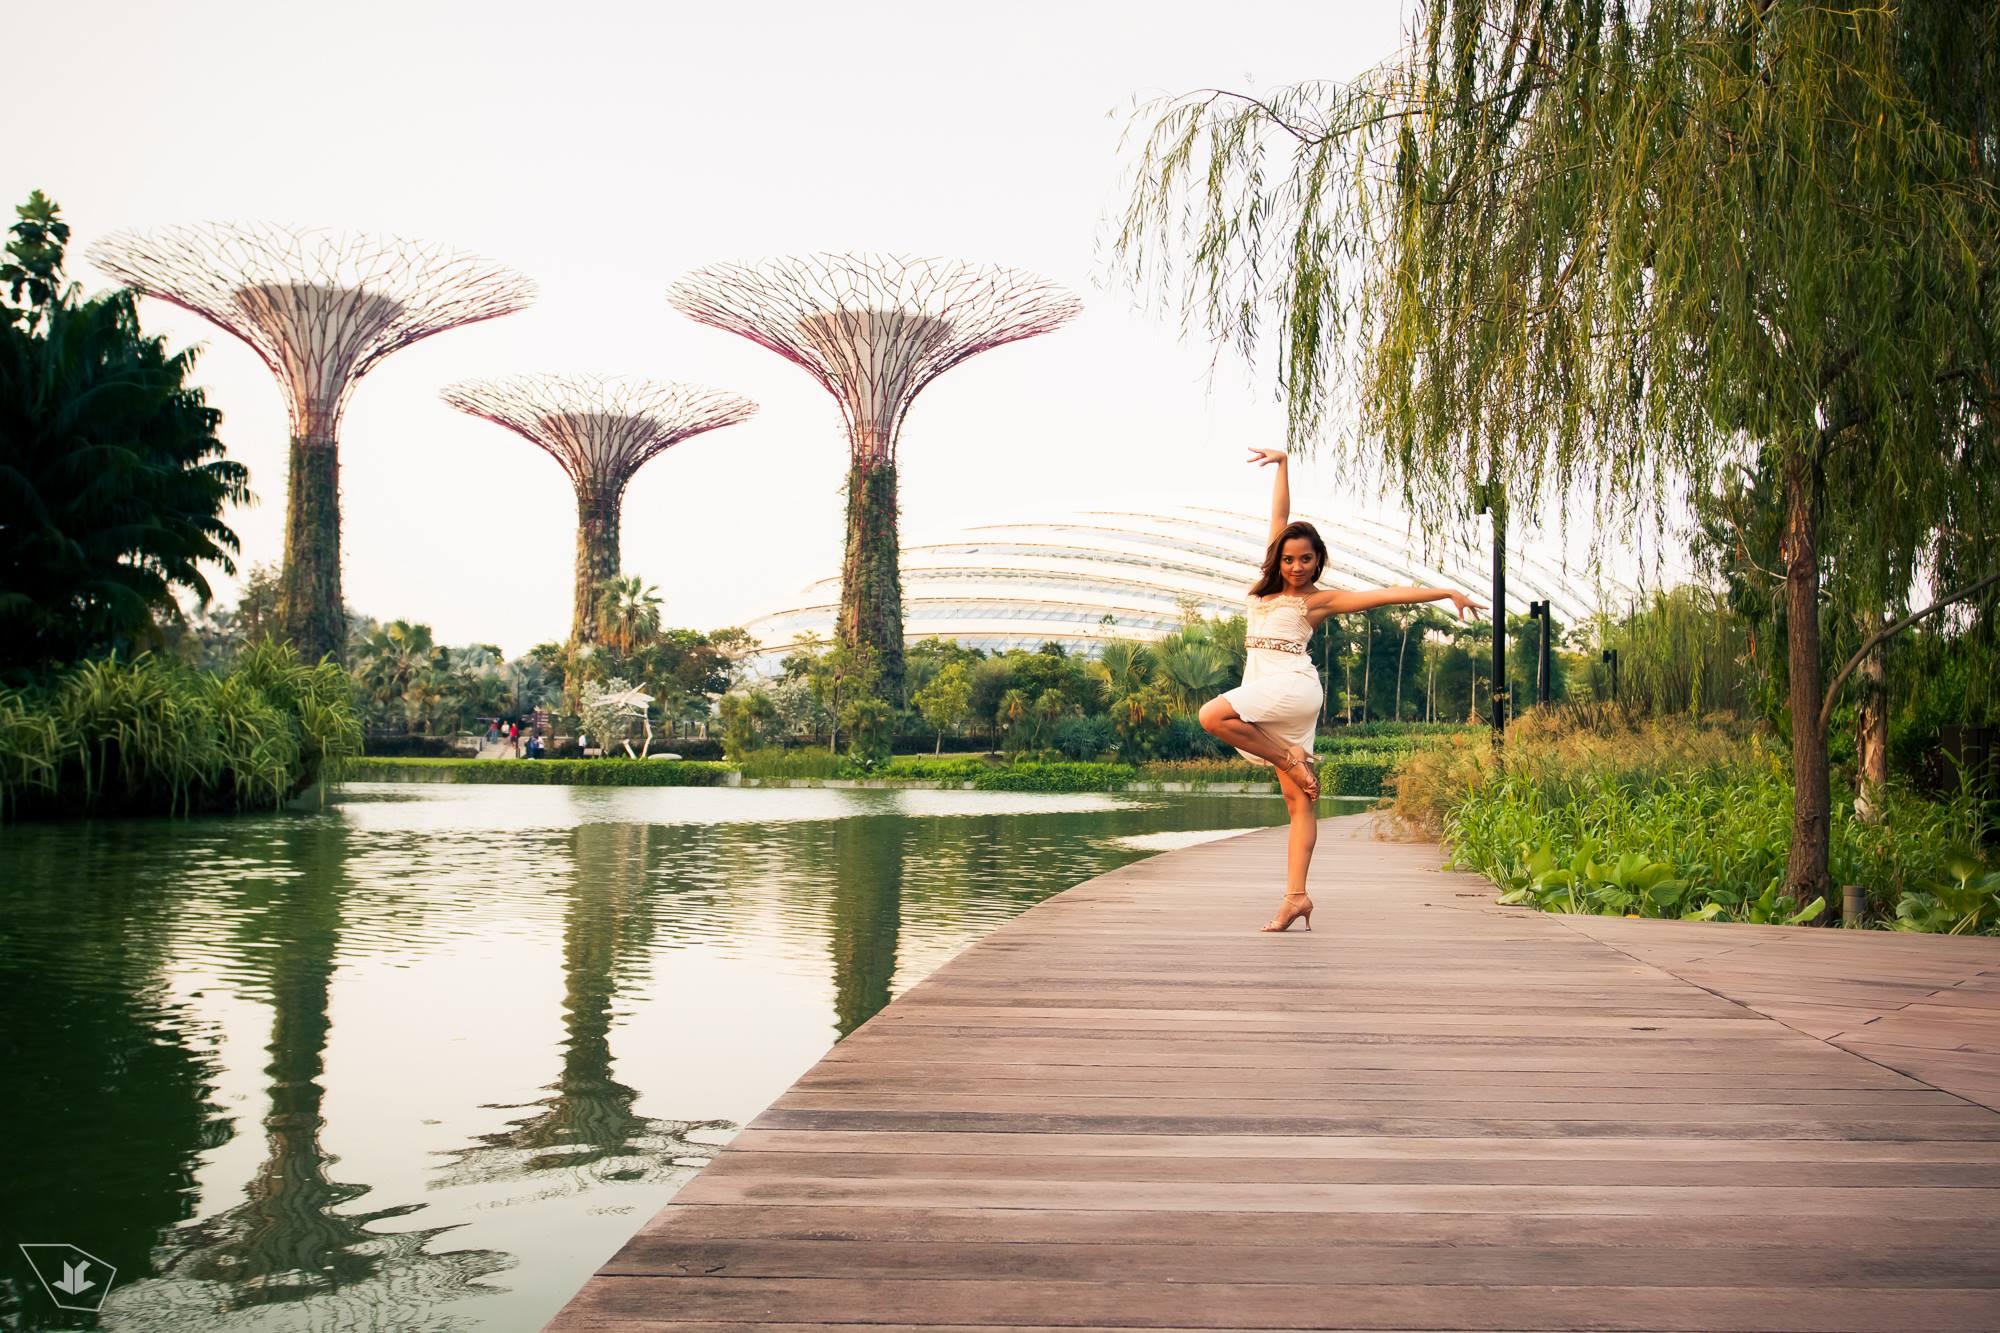 singapore-garden-city-6